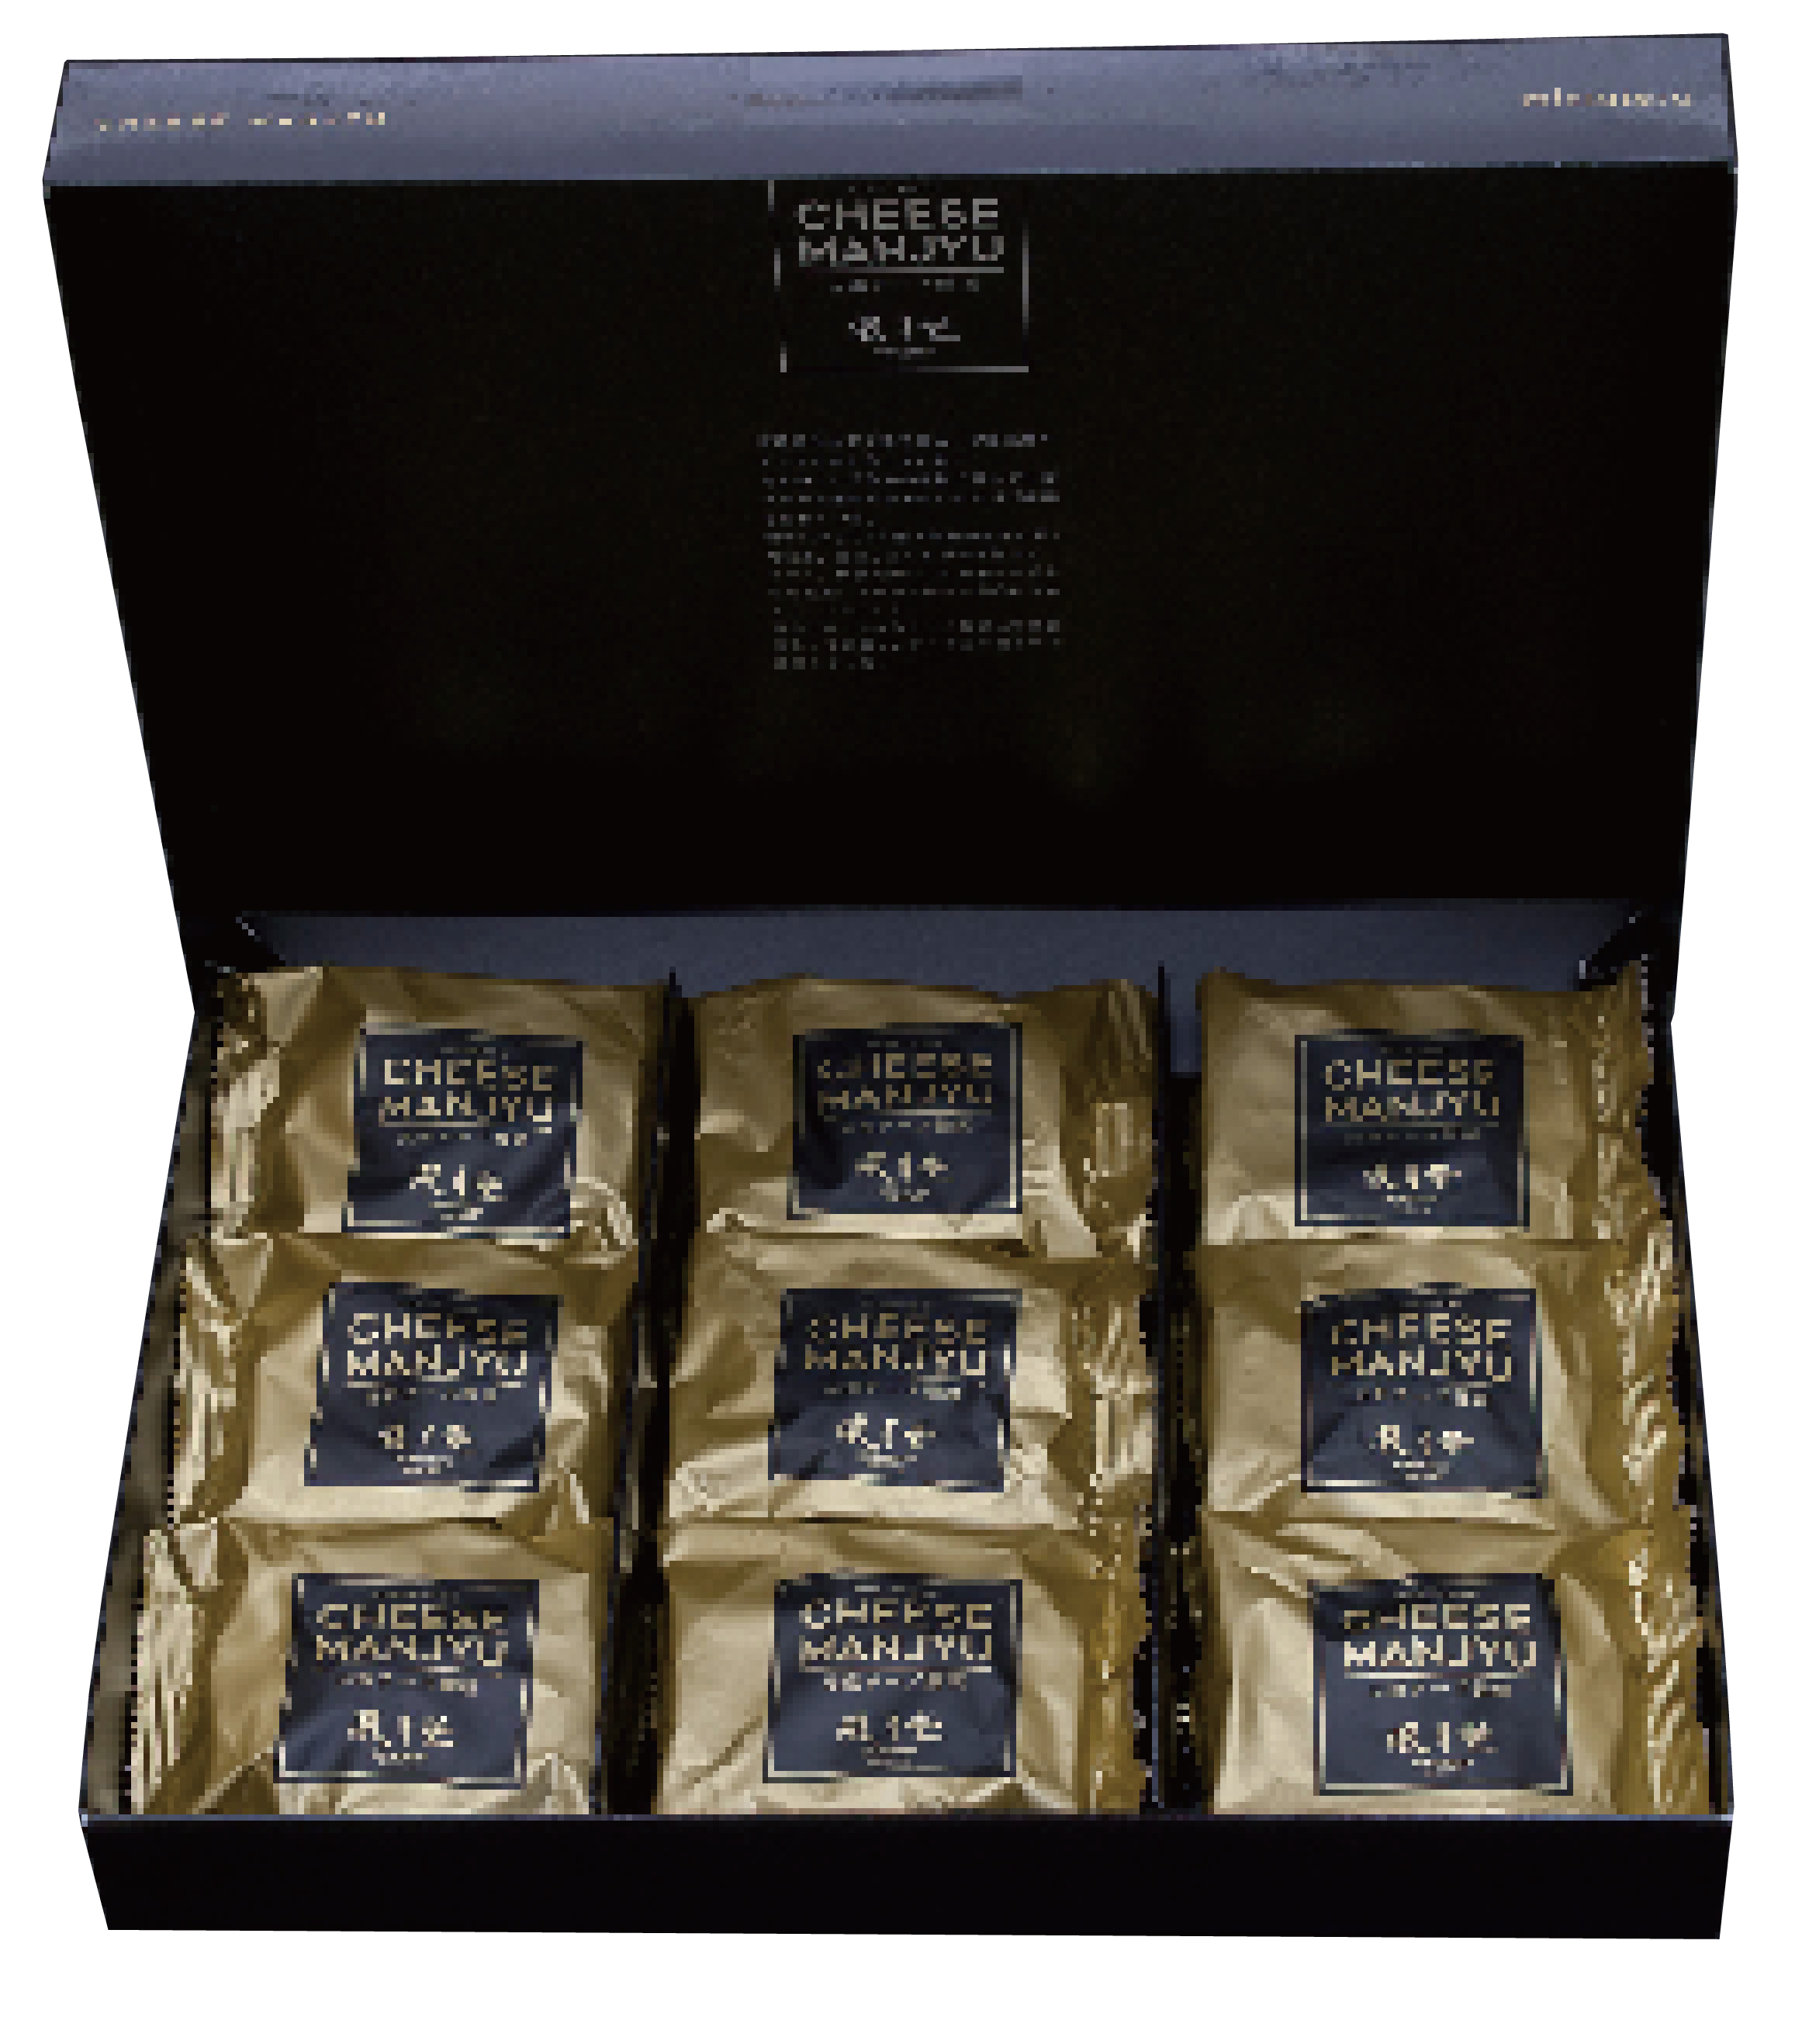 元祖チーズ饅頭 餡入り 9個入り画像